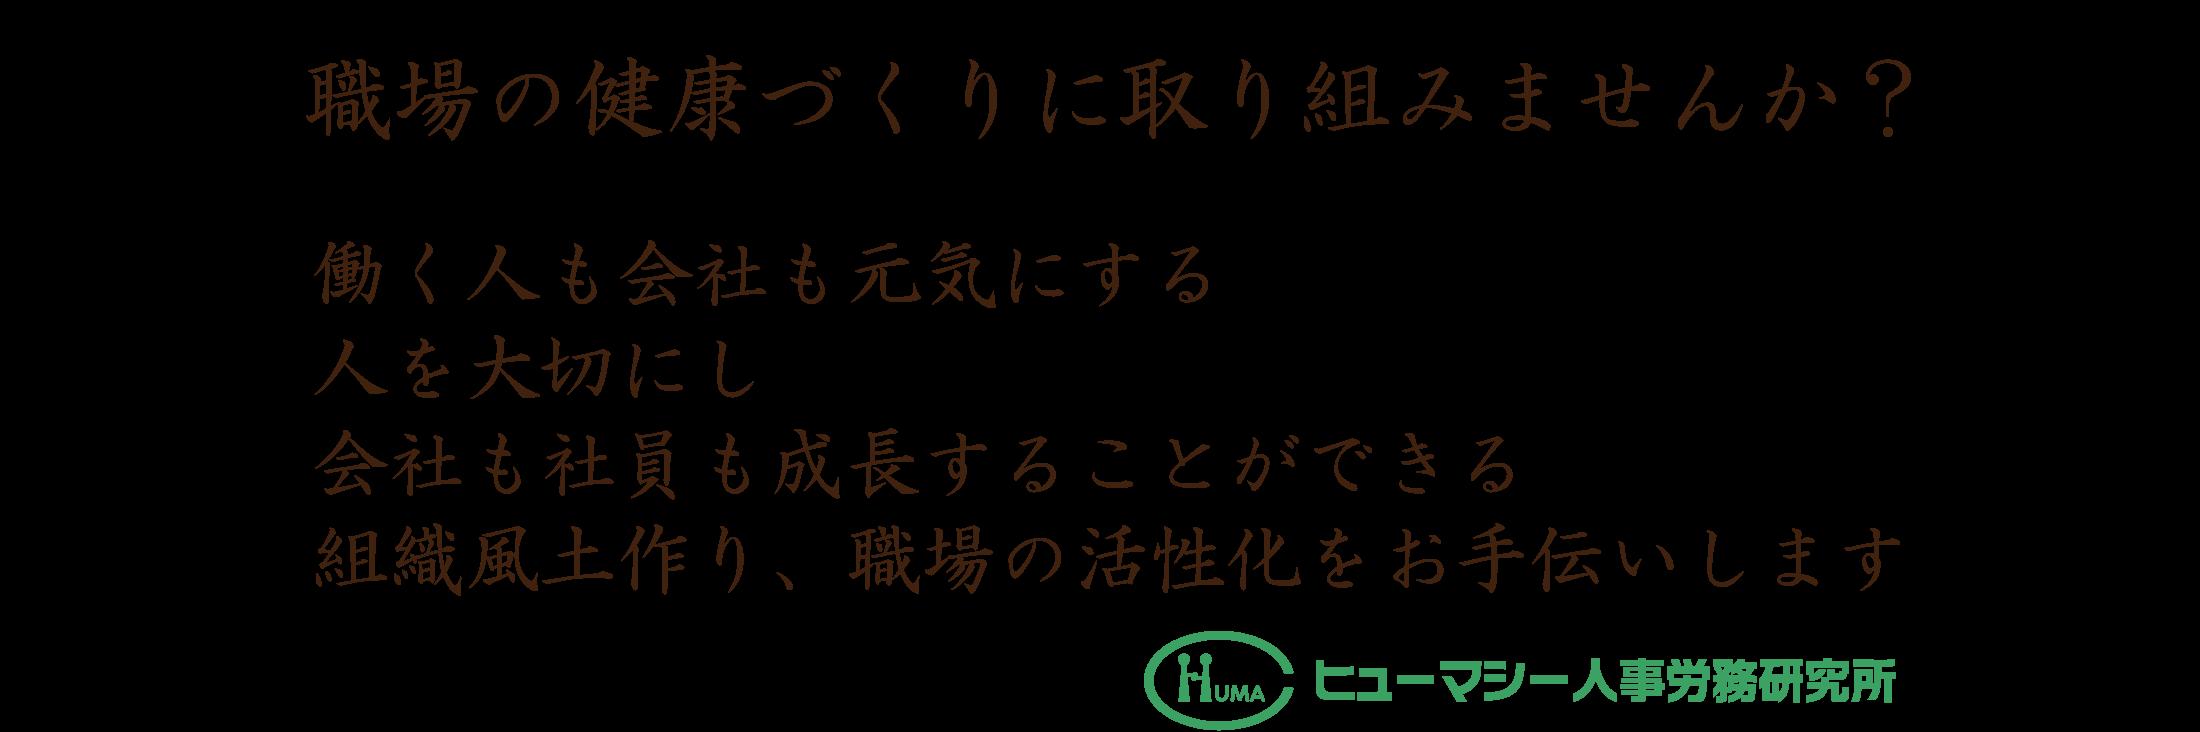 ヒューマシー人事労務研究所